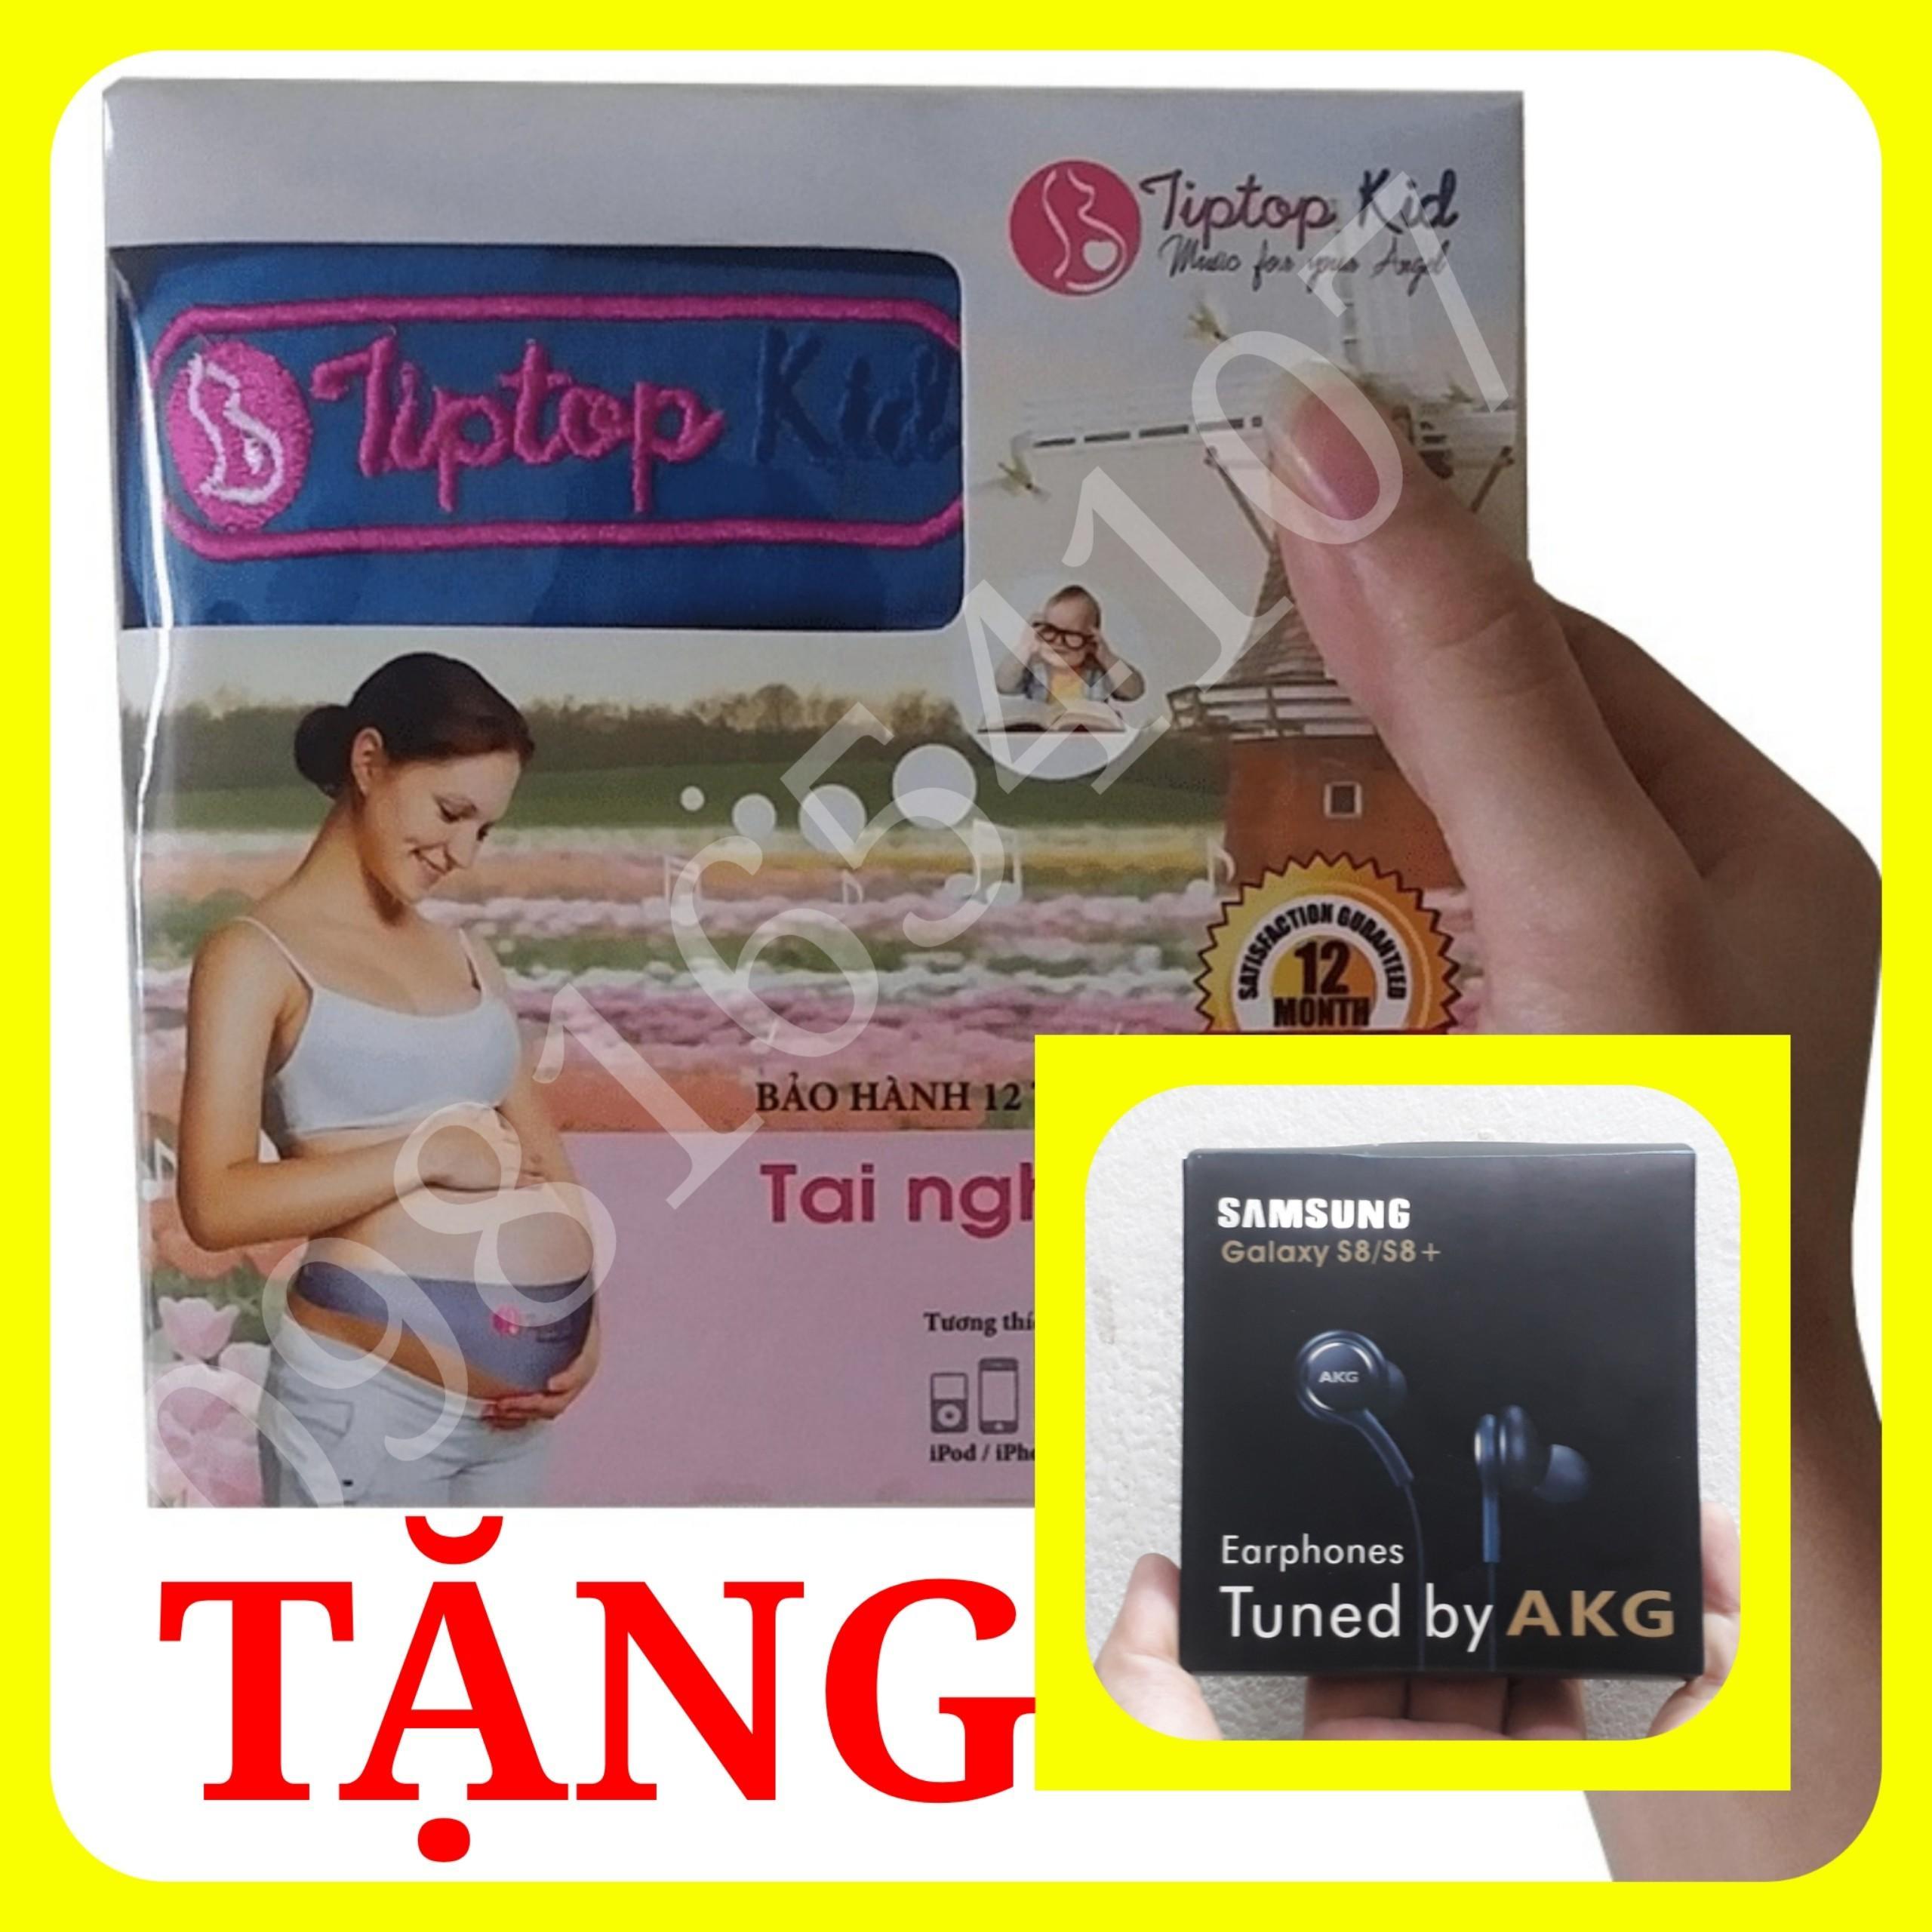 (TẶNG CD 10 Ebook Giáo Dục Sớm + CD Nhạc Thai Giáo + Tai Nghe Samsung S8) Tai Nghe Thai Nhi Tiptop Kid Mẫu Mới - Tai Nghe Bà Bầu Bất Ngờ Giảm Giá